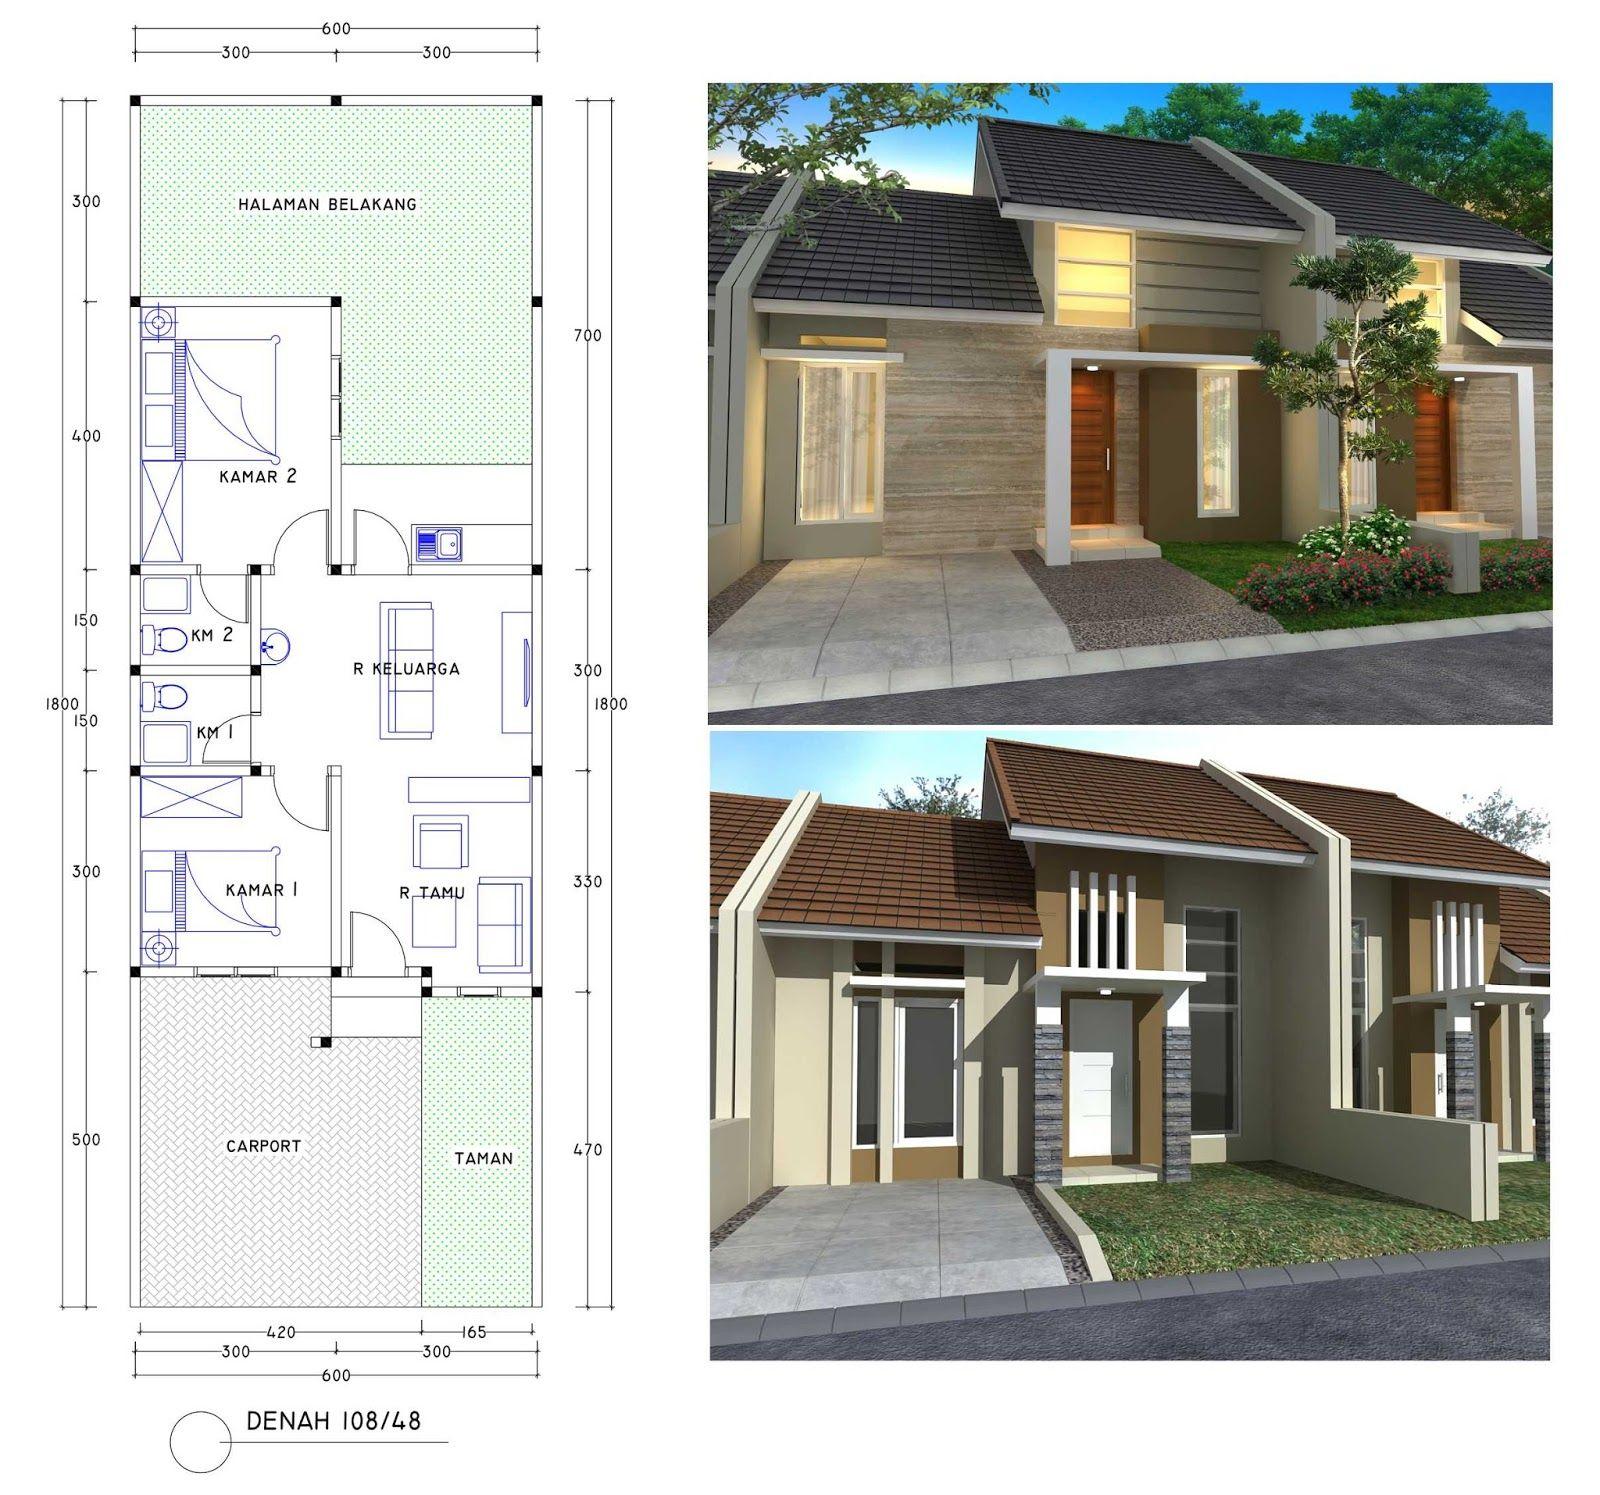 Desain Rumah Kontrakan 1 Kamar Cek Bahan Bangunan